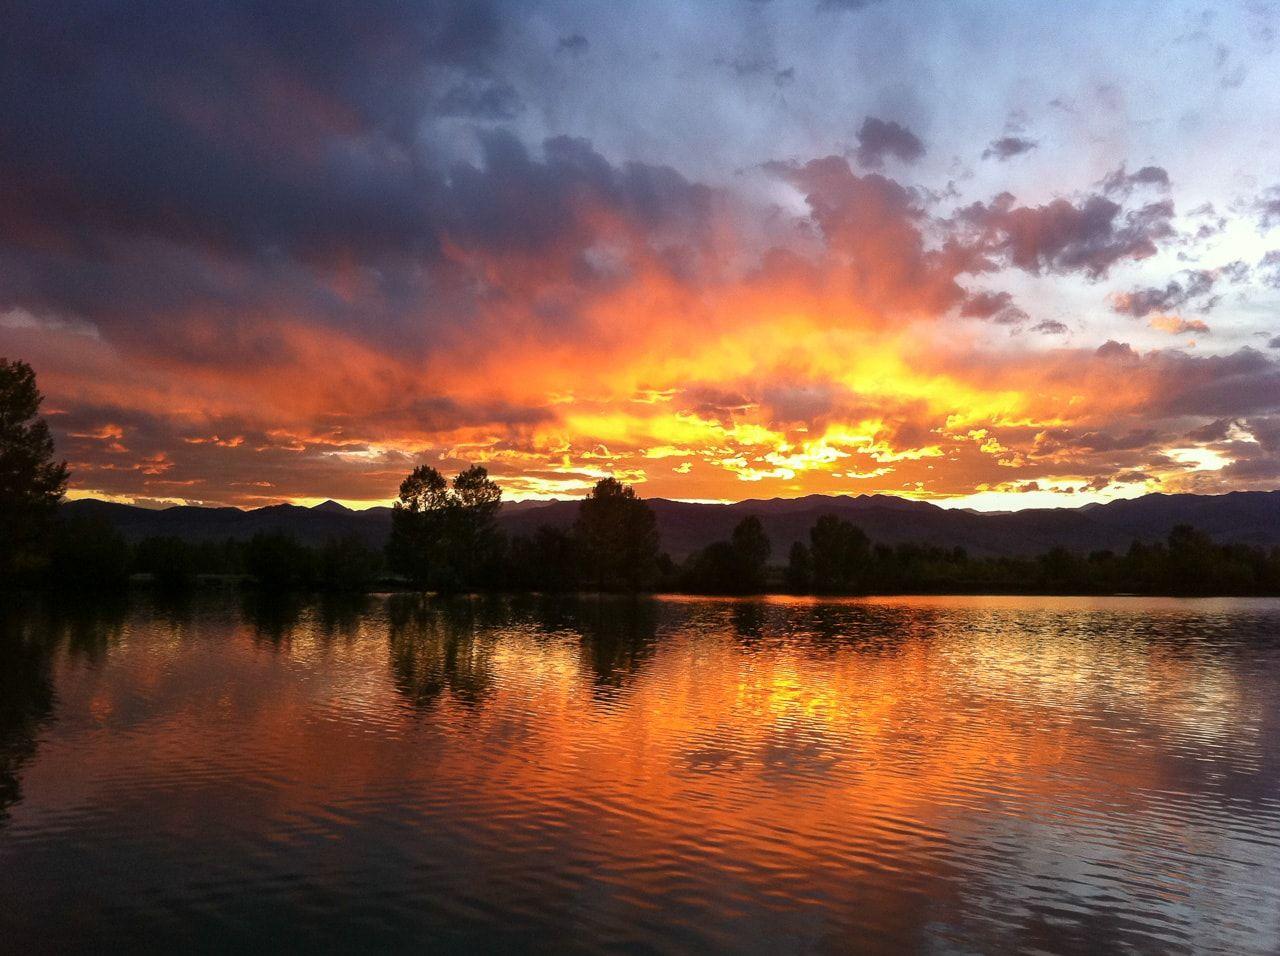 Sunset at Coot Lake, Boulder County